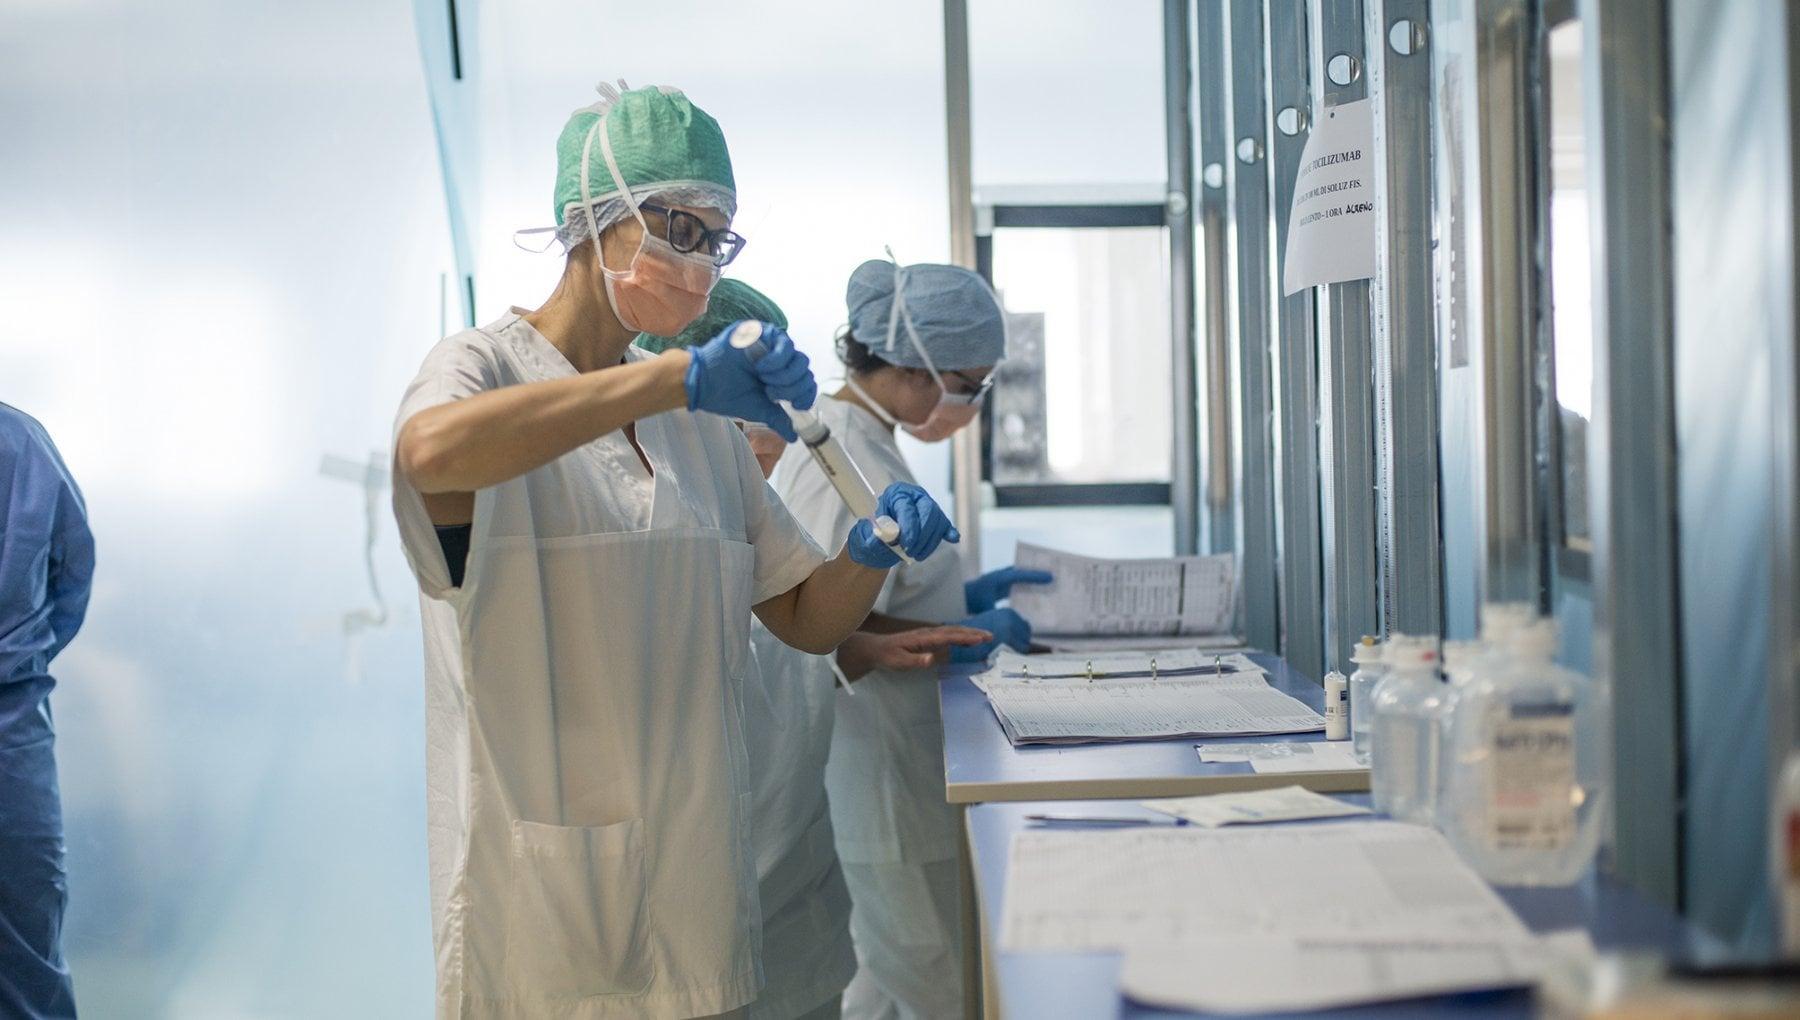 Coronavirus un caso della variante inglese a Loreto senza contatti con la Gran Bretagna